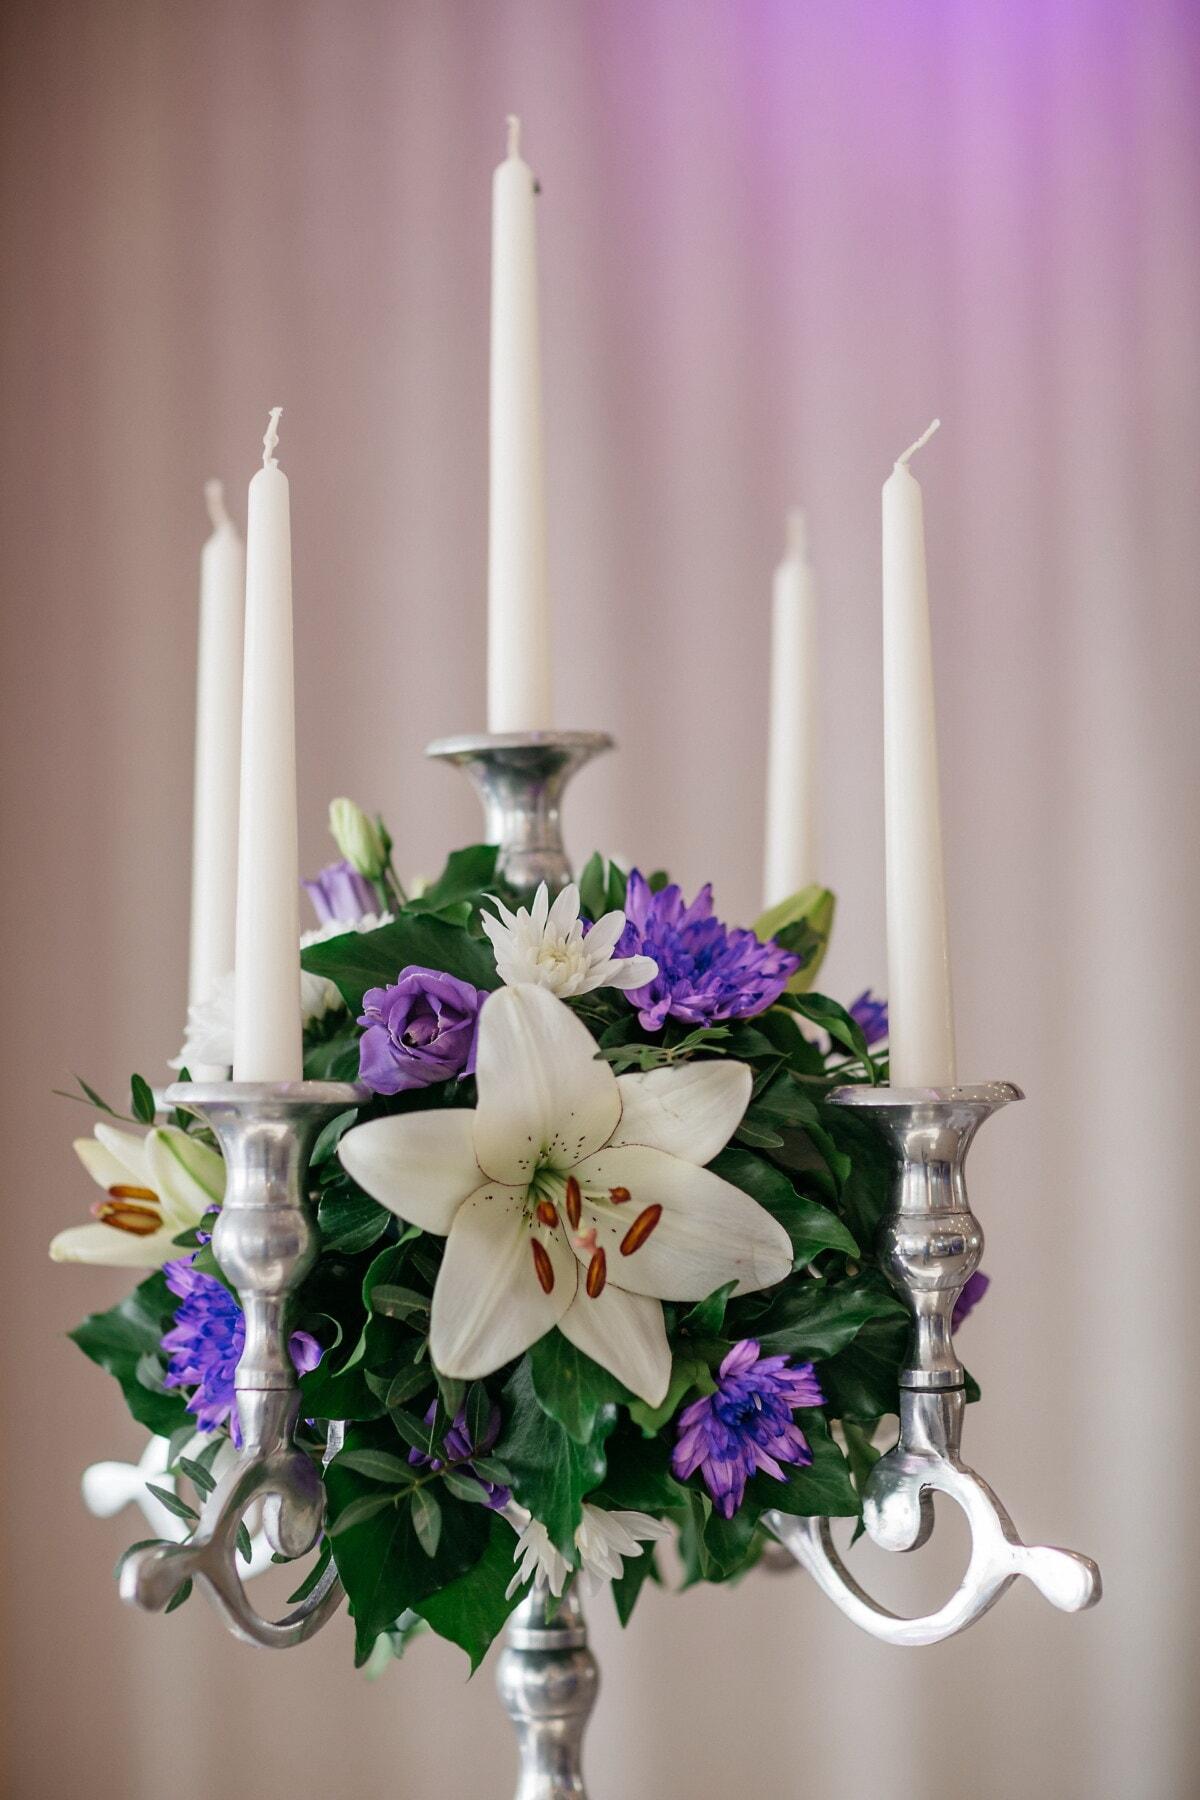 Leuchter, romantische, Silber, weiß, Kerzen, aus nächster Nähe, Blumen, Blumenstrauß, elegant, Kerze